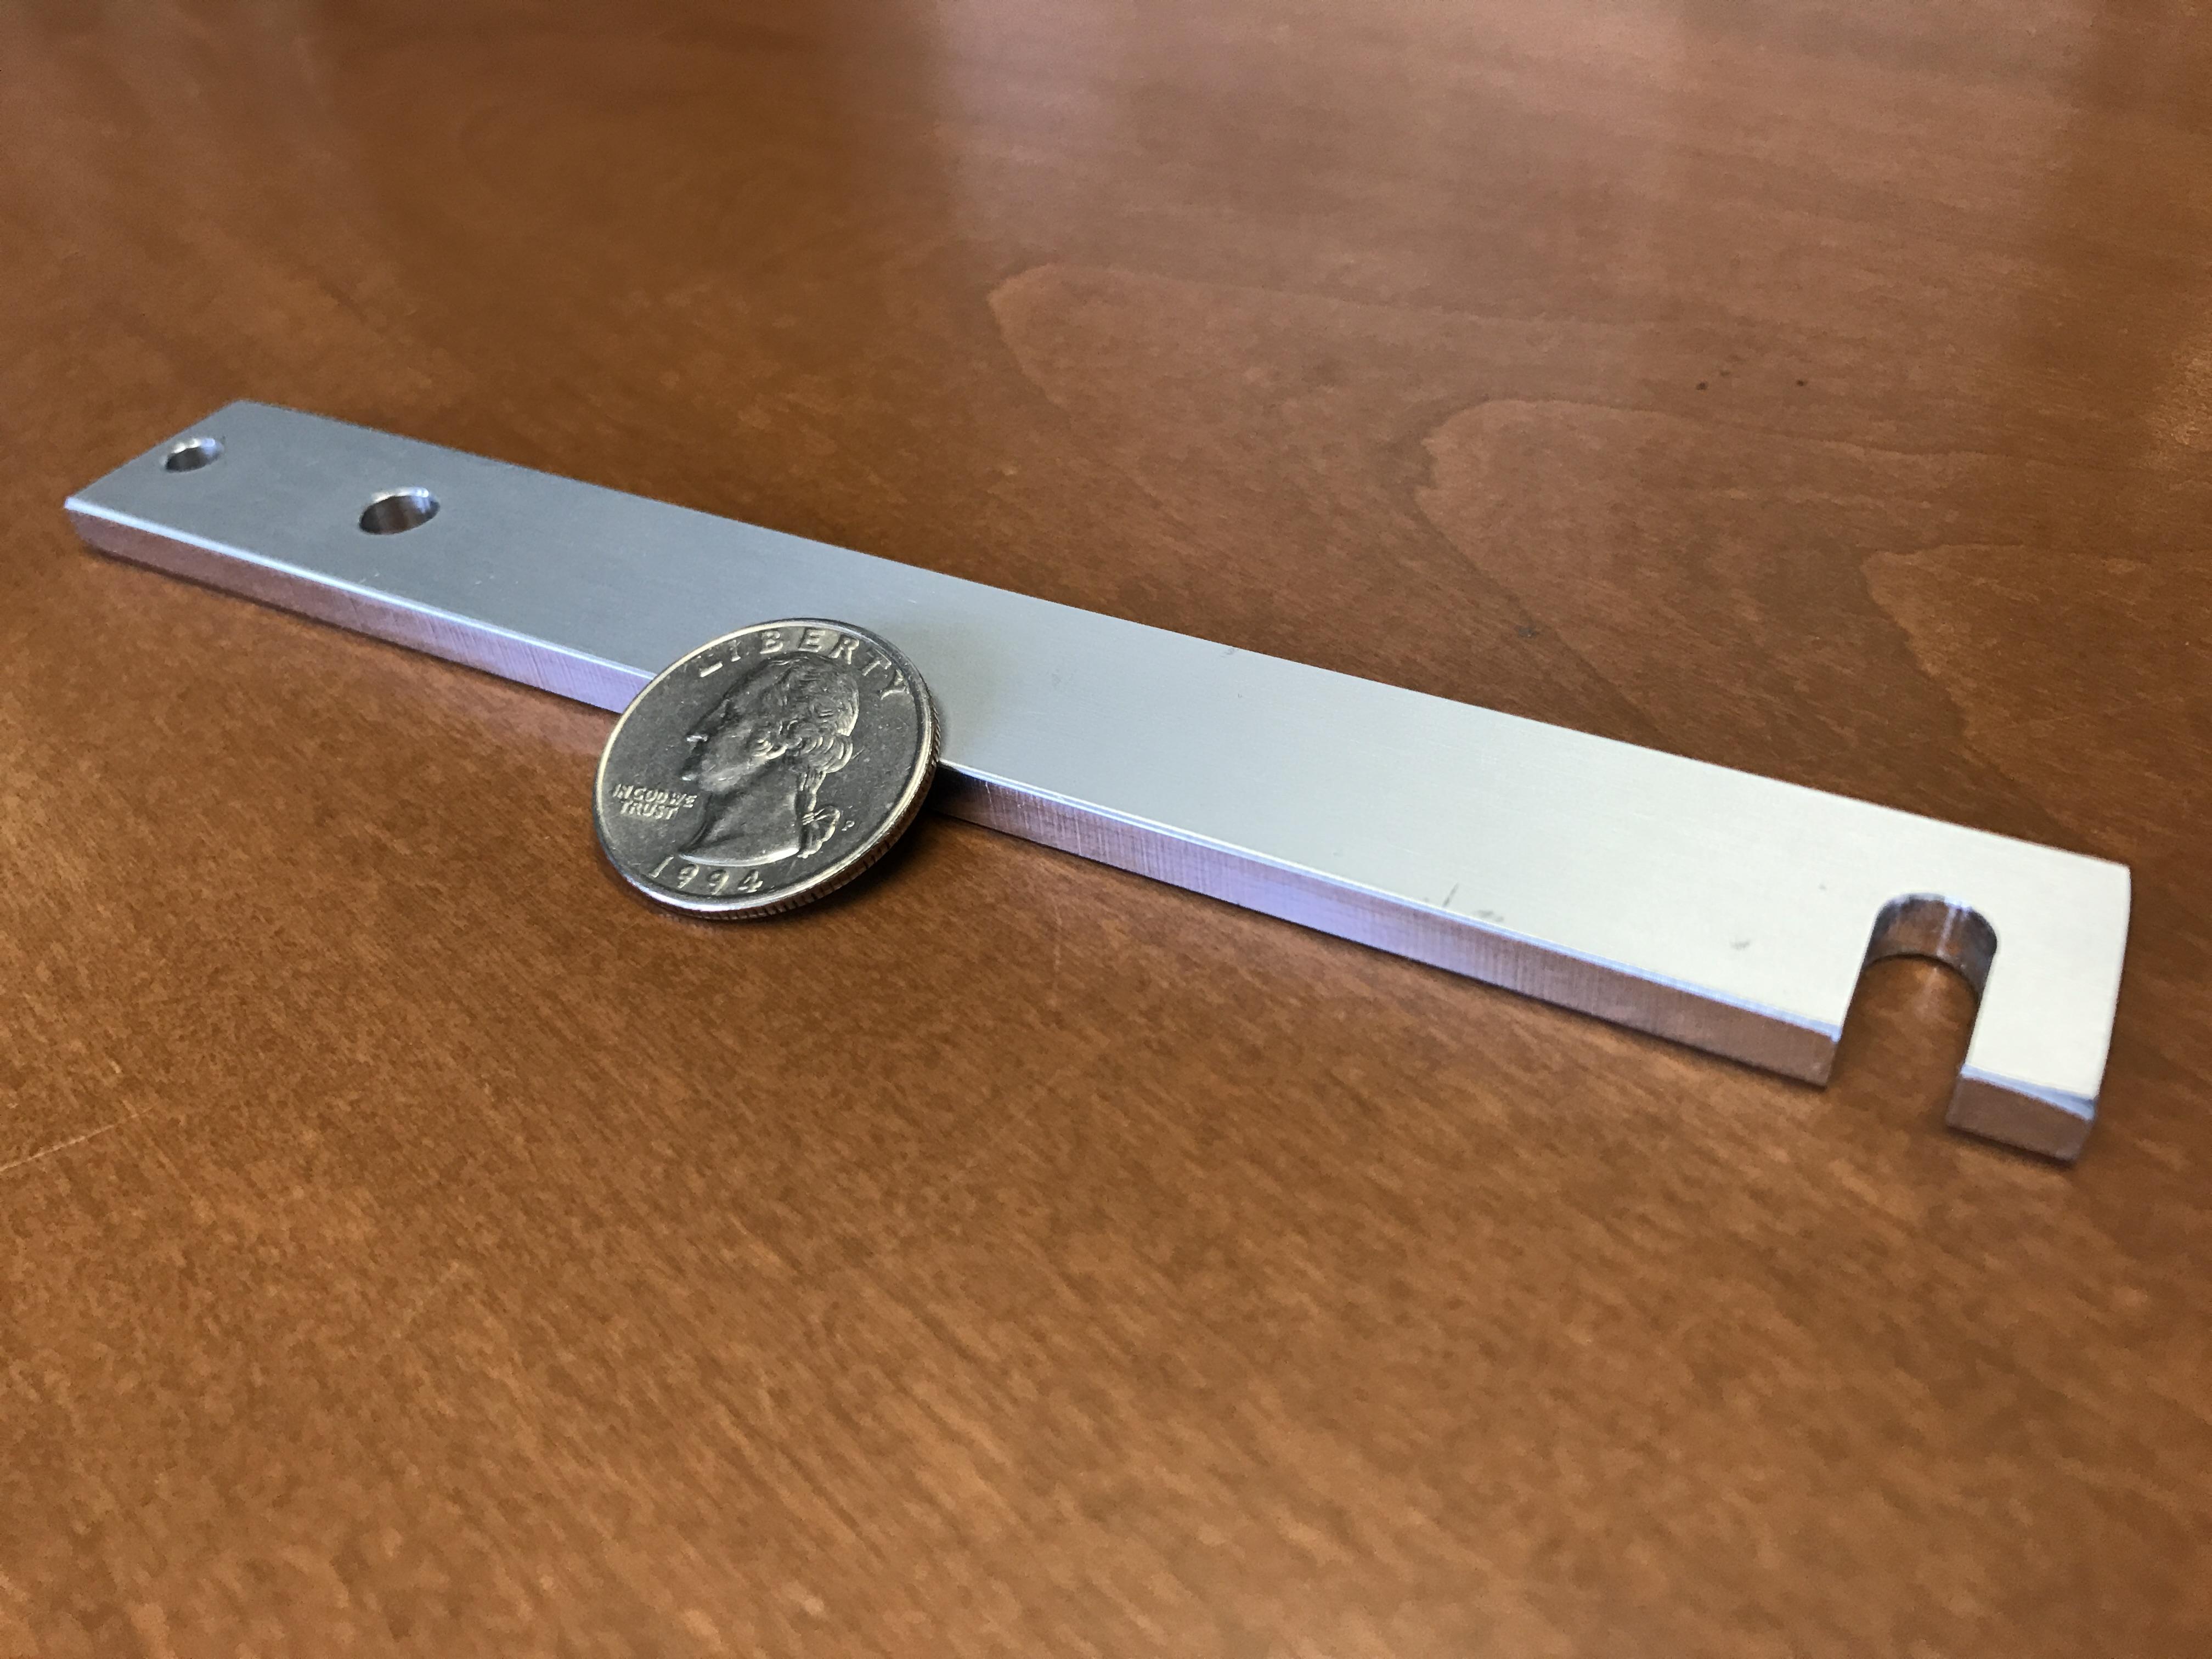 Aluminum part, small